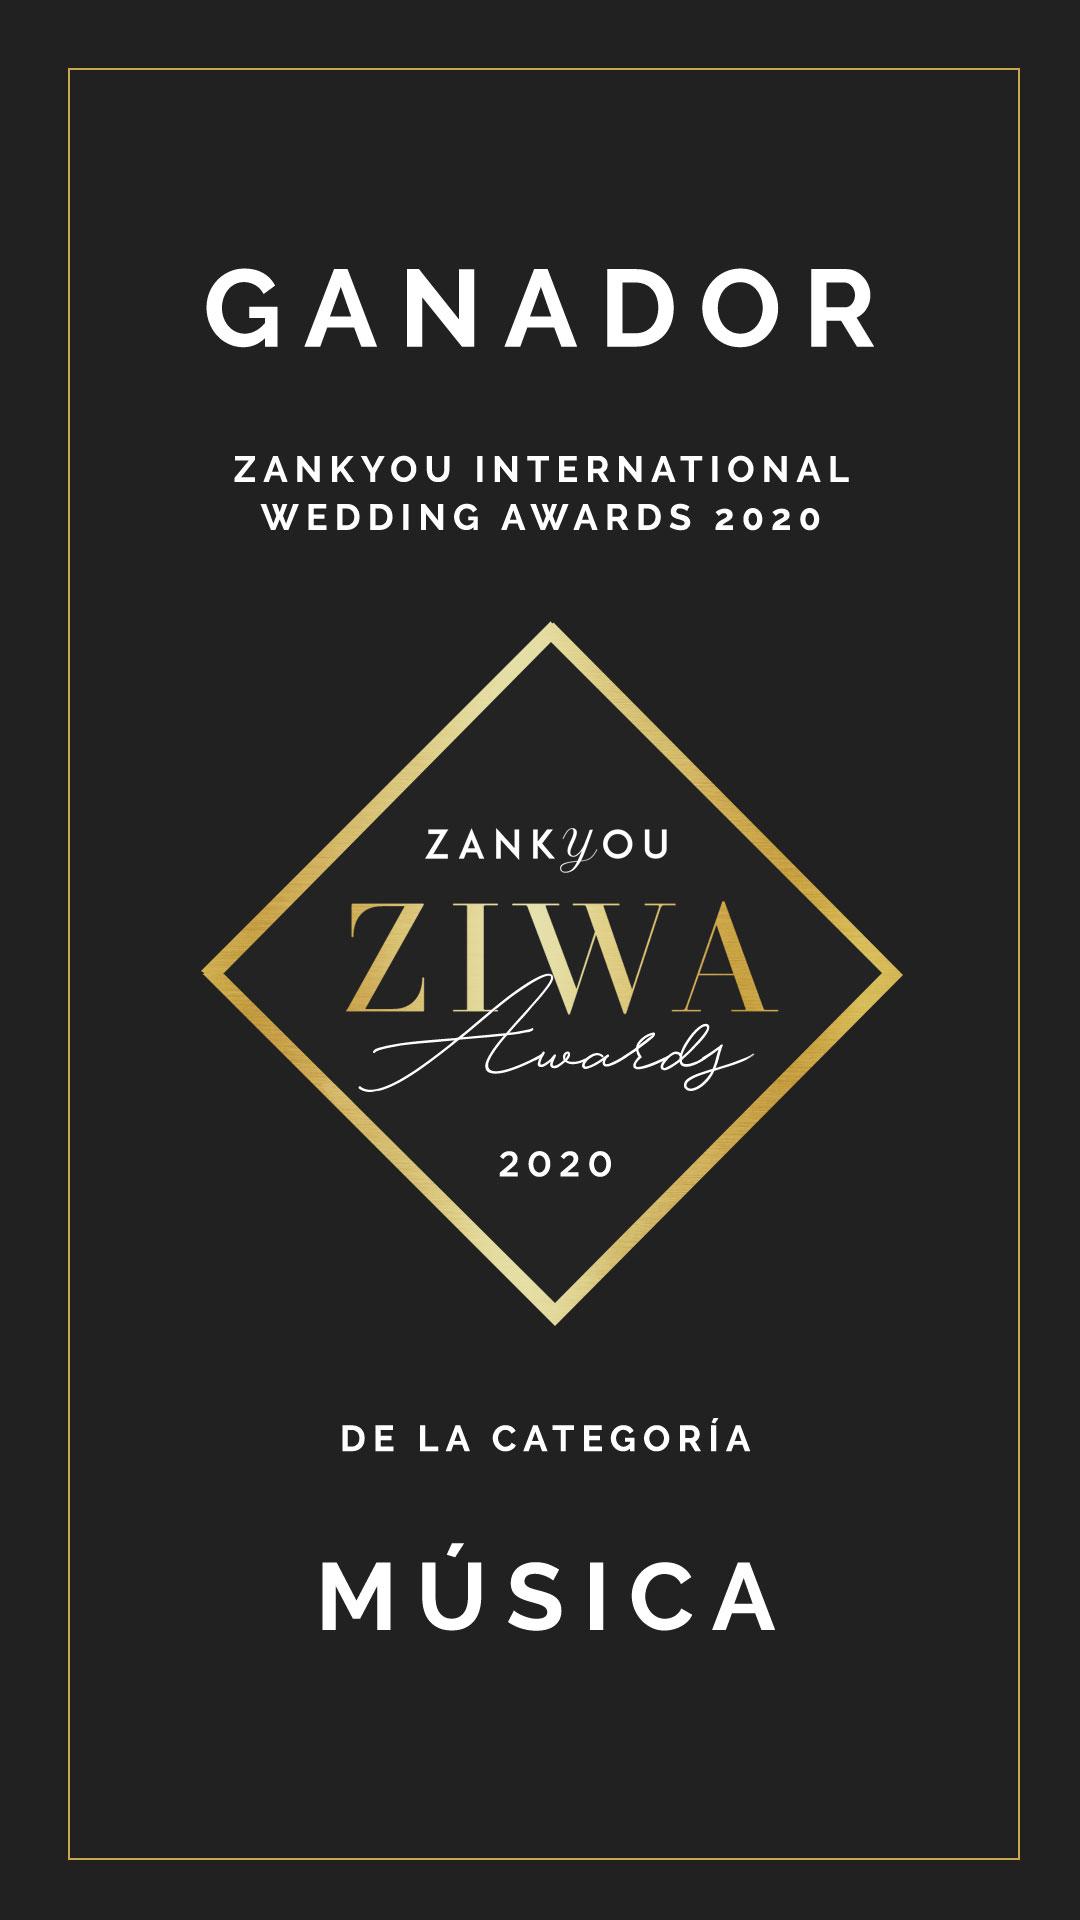 Premio ZIWA